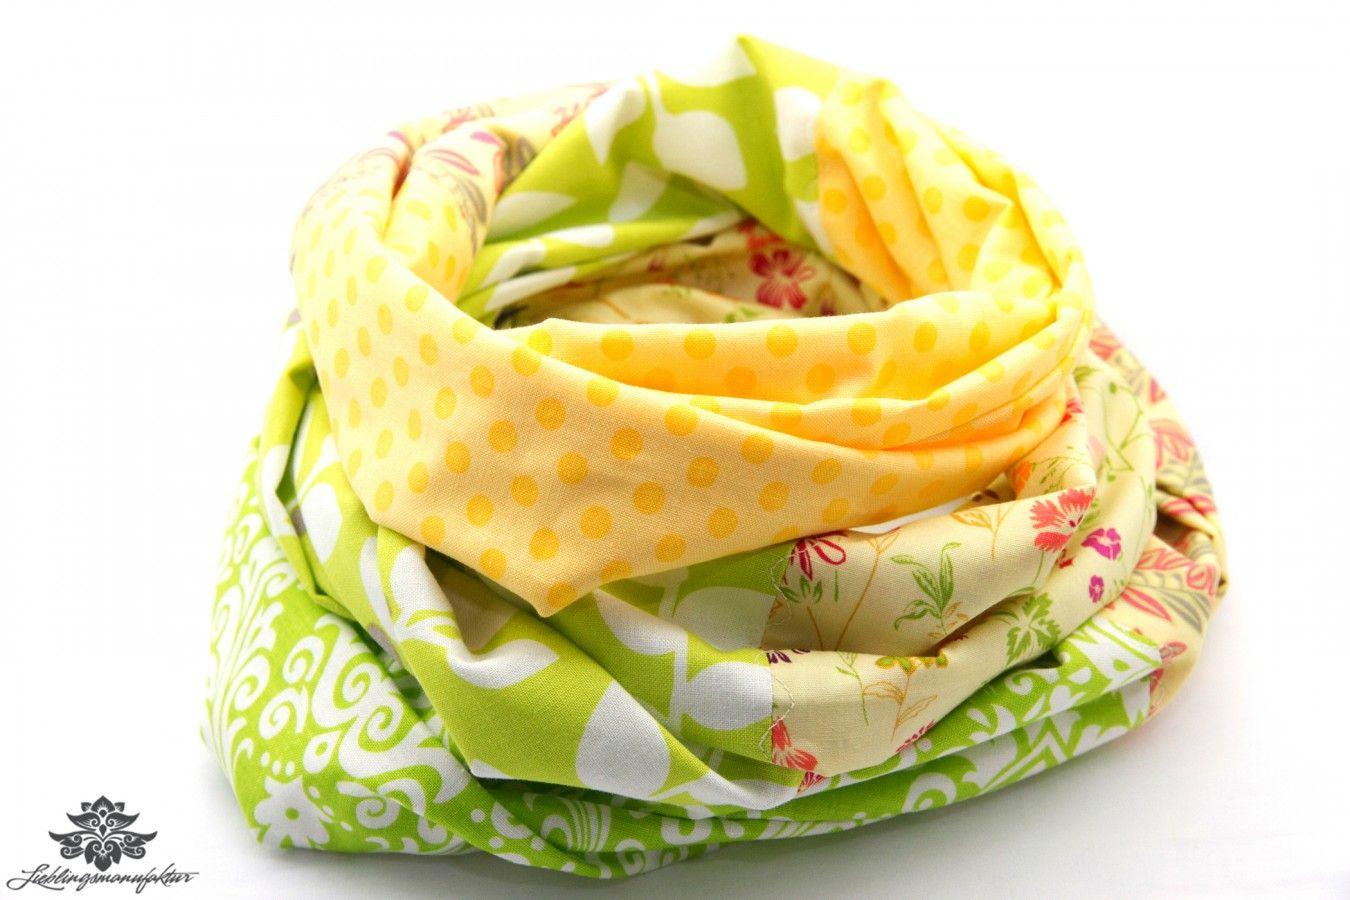 Sommer - Tuch / Patchwork - Loop - Schal mit Blumenmuster und Pünktchen in Gelb- und Grün - Tönen; ein Lieblingsstück aus der #Lieblingsmanufaktur